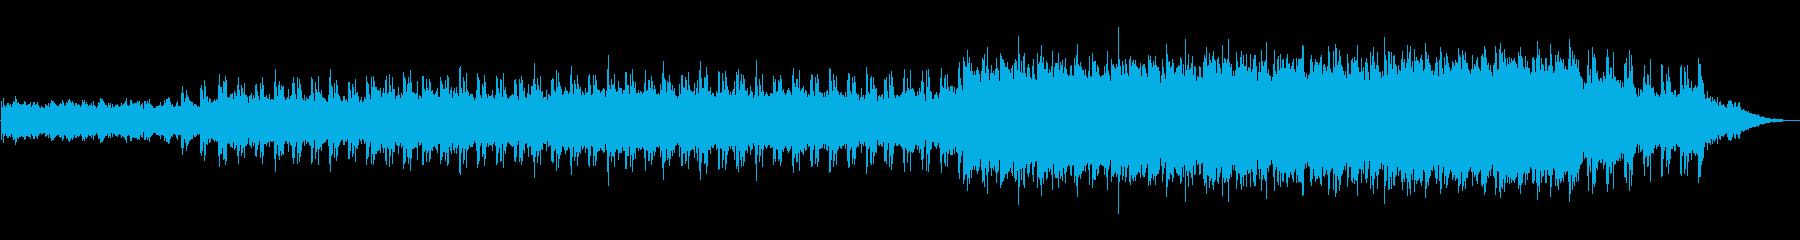 怖い音楽 ホラー ミステリー の再生済みの波形